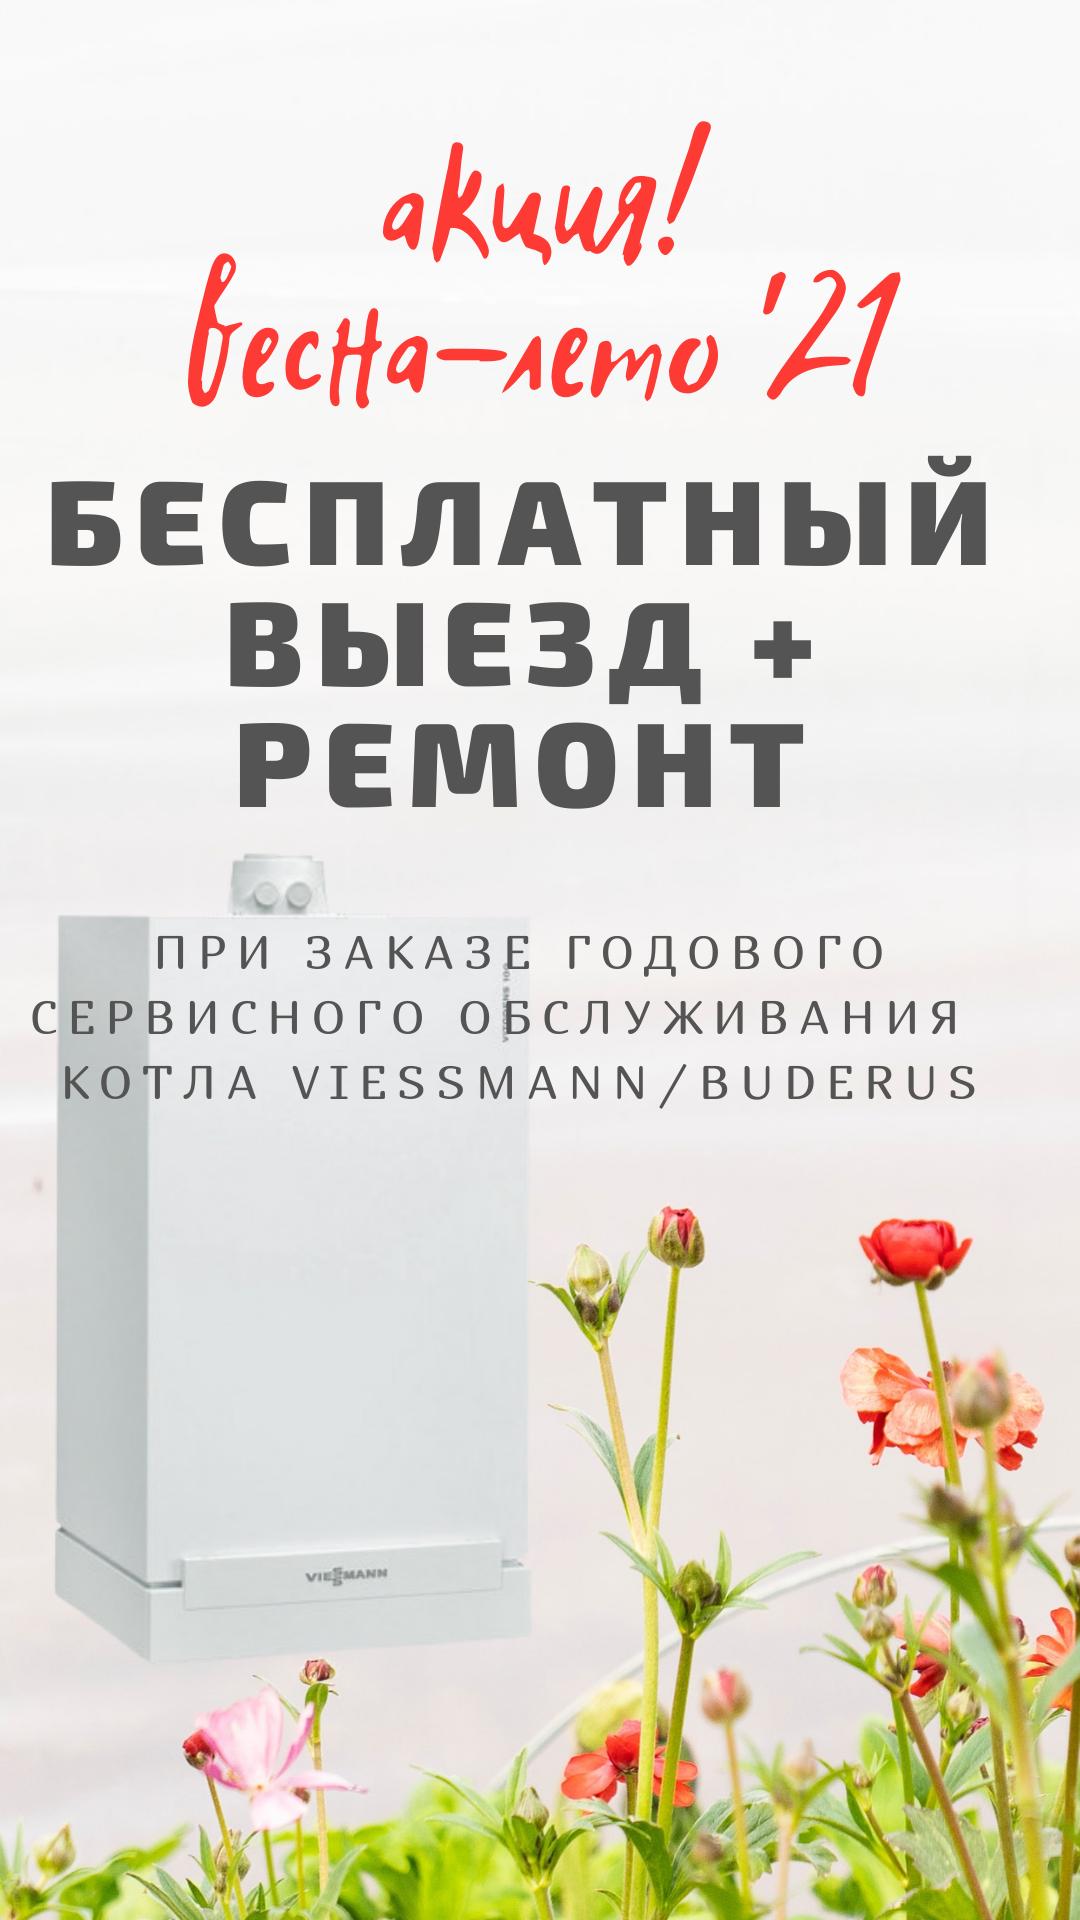 бесплатный выезд + РЕМОНТ